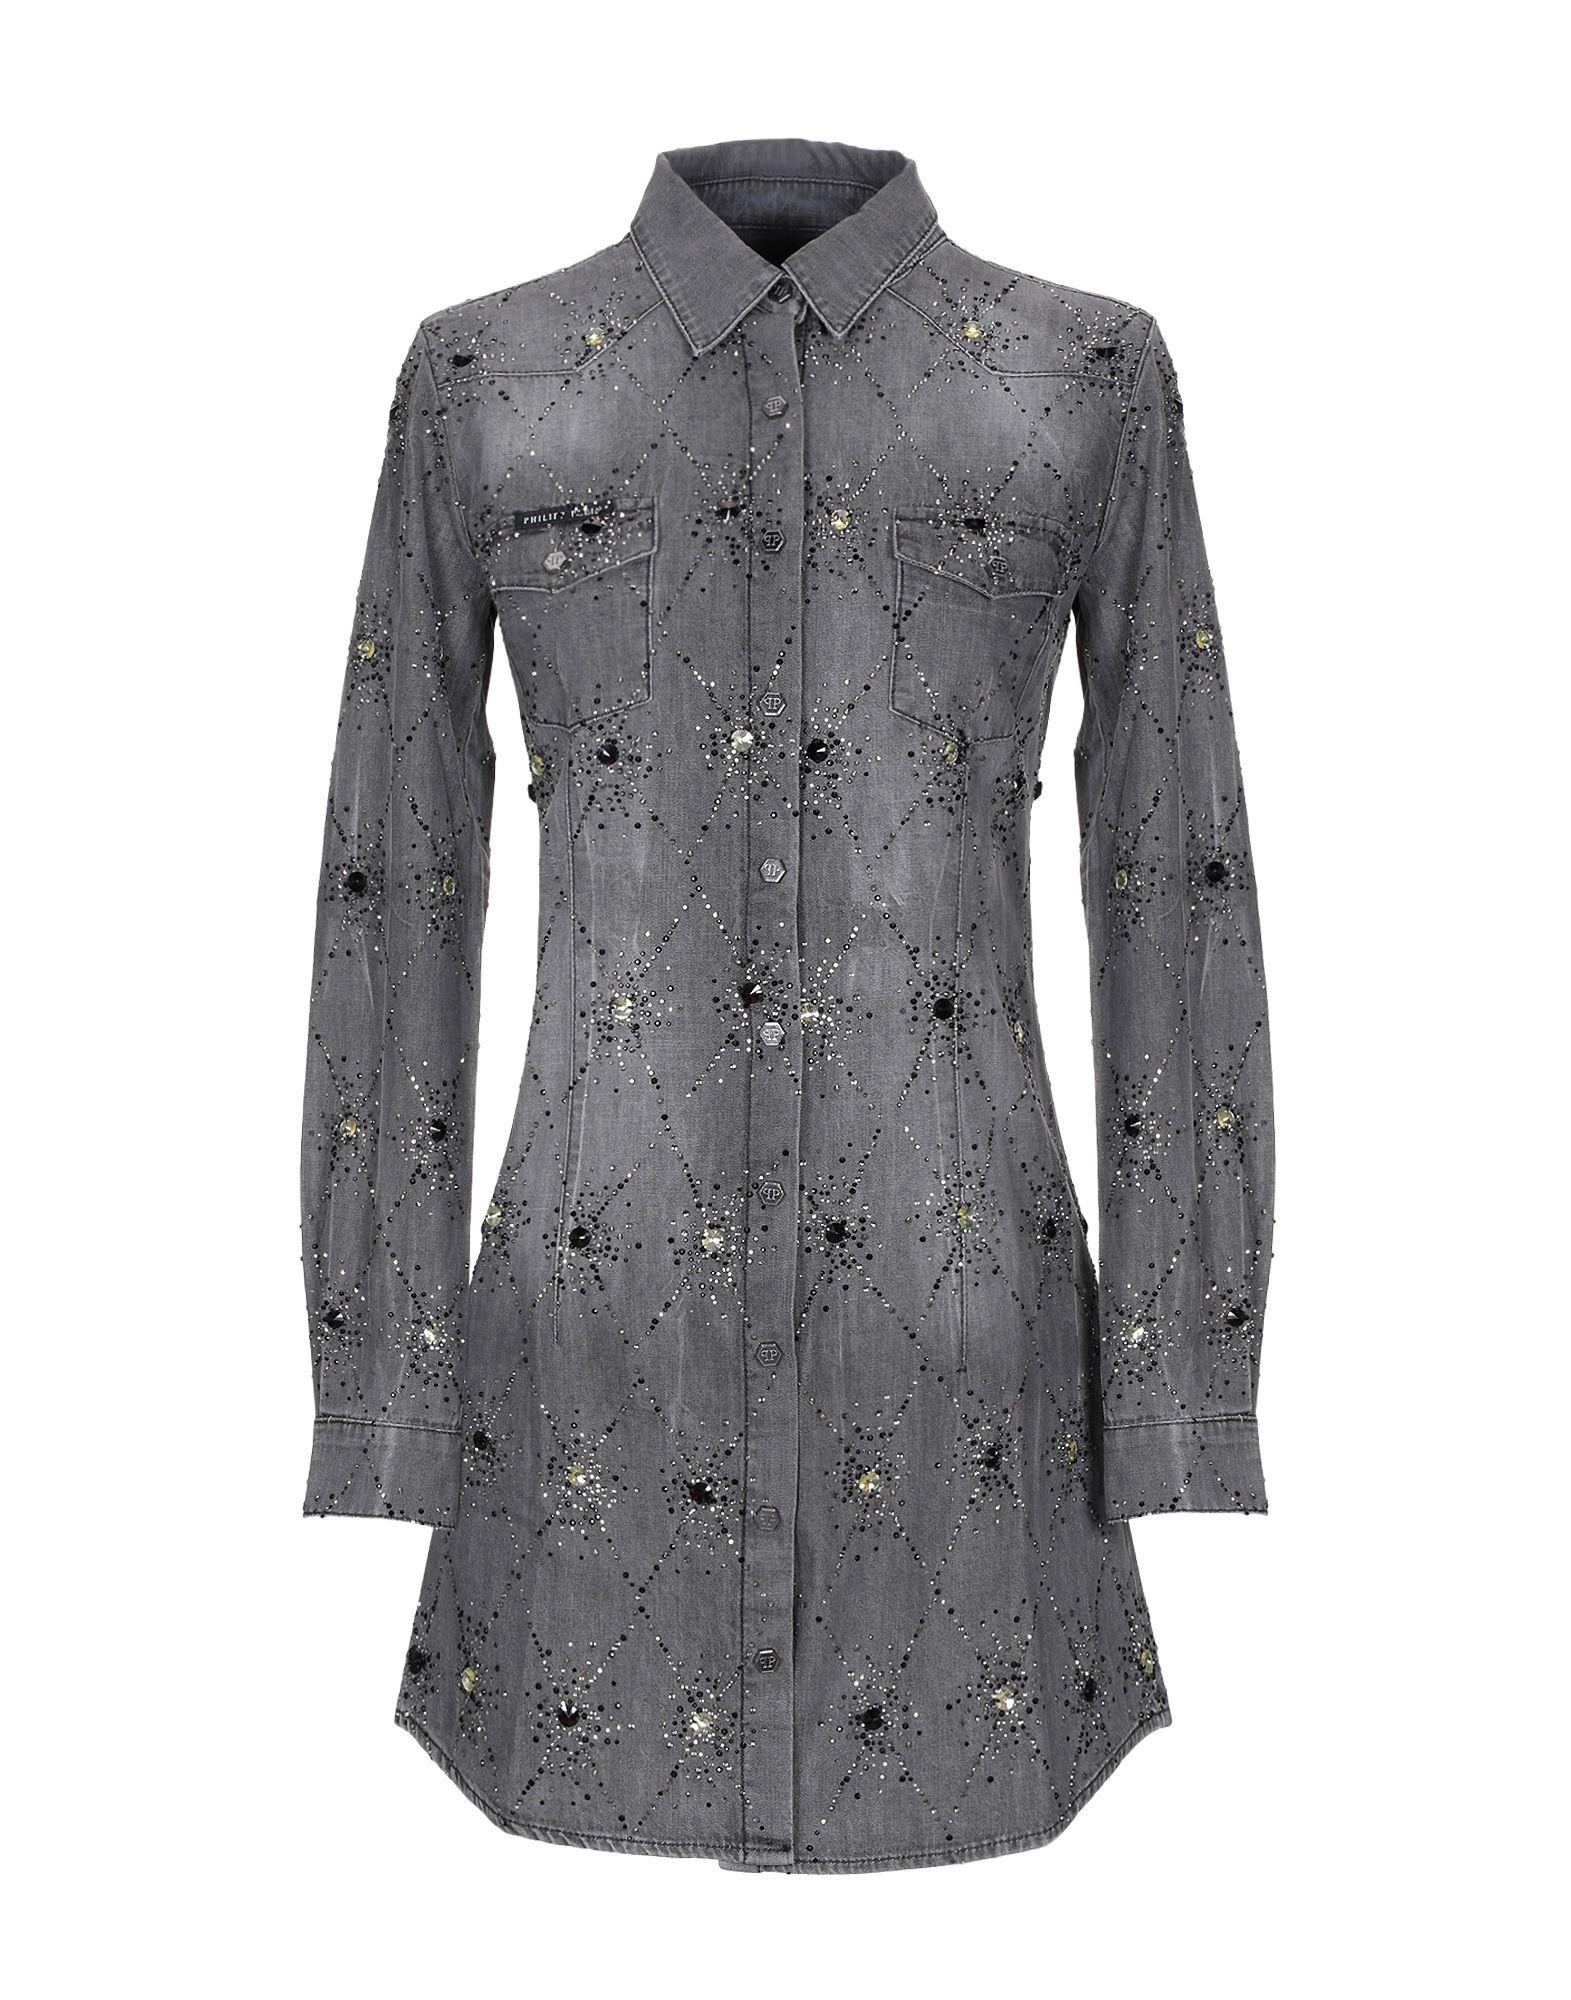 купить PHILIPP PLEIN Джинсовая рубашка по цене 39150 рублей